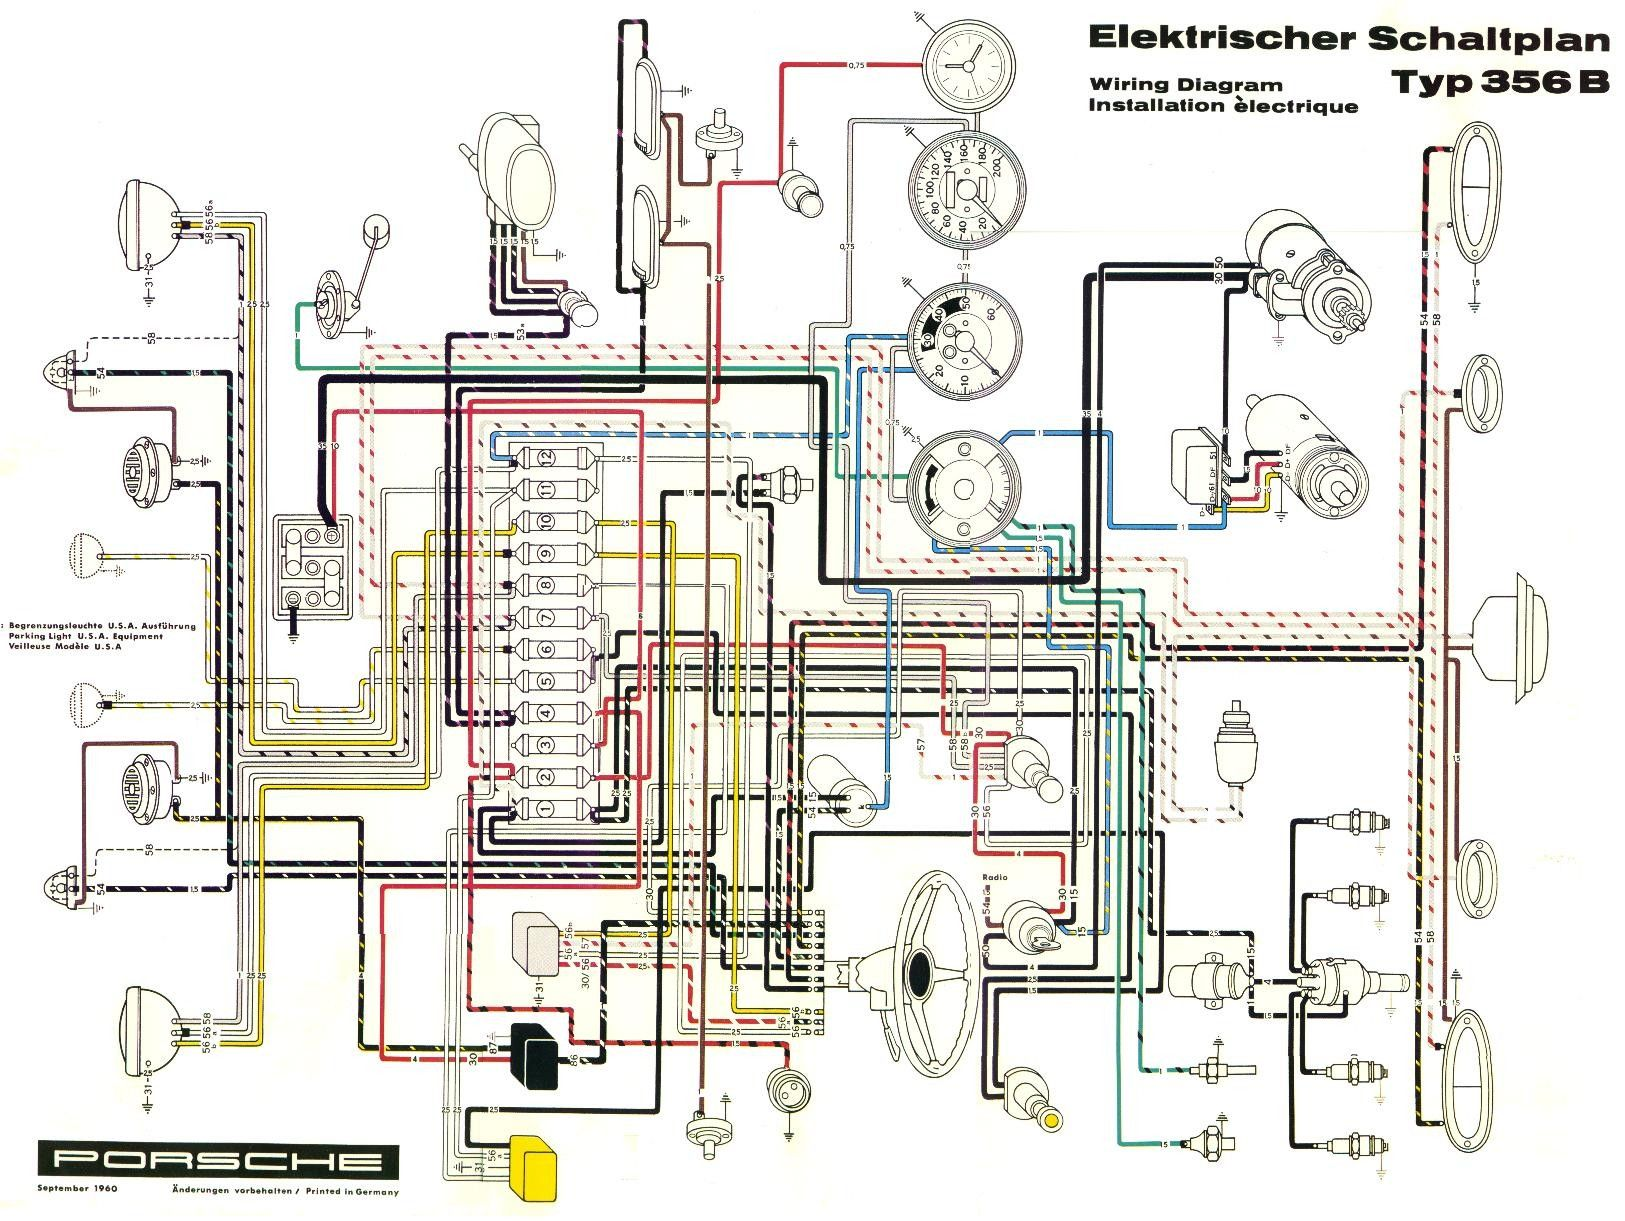 New House Wiring Diagram Diagram Diagramsample